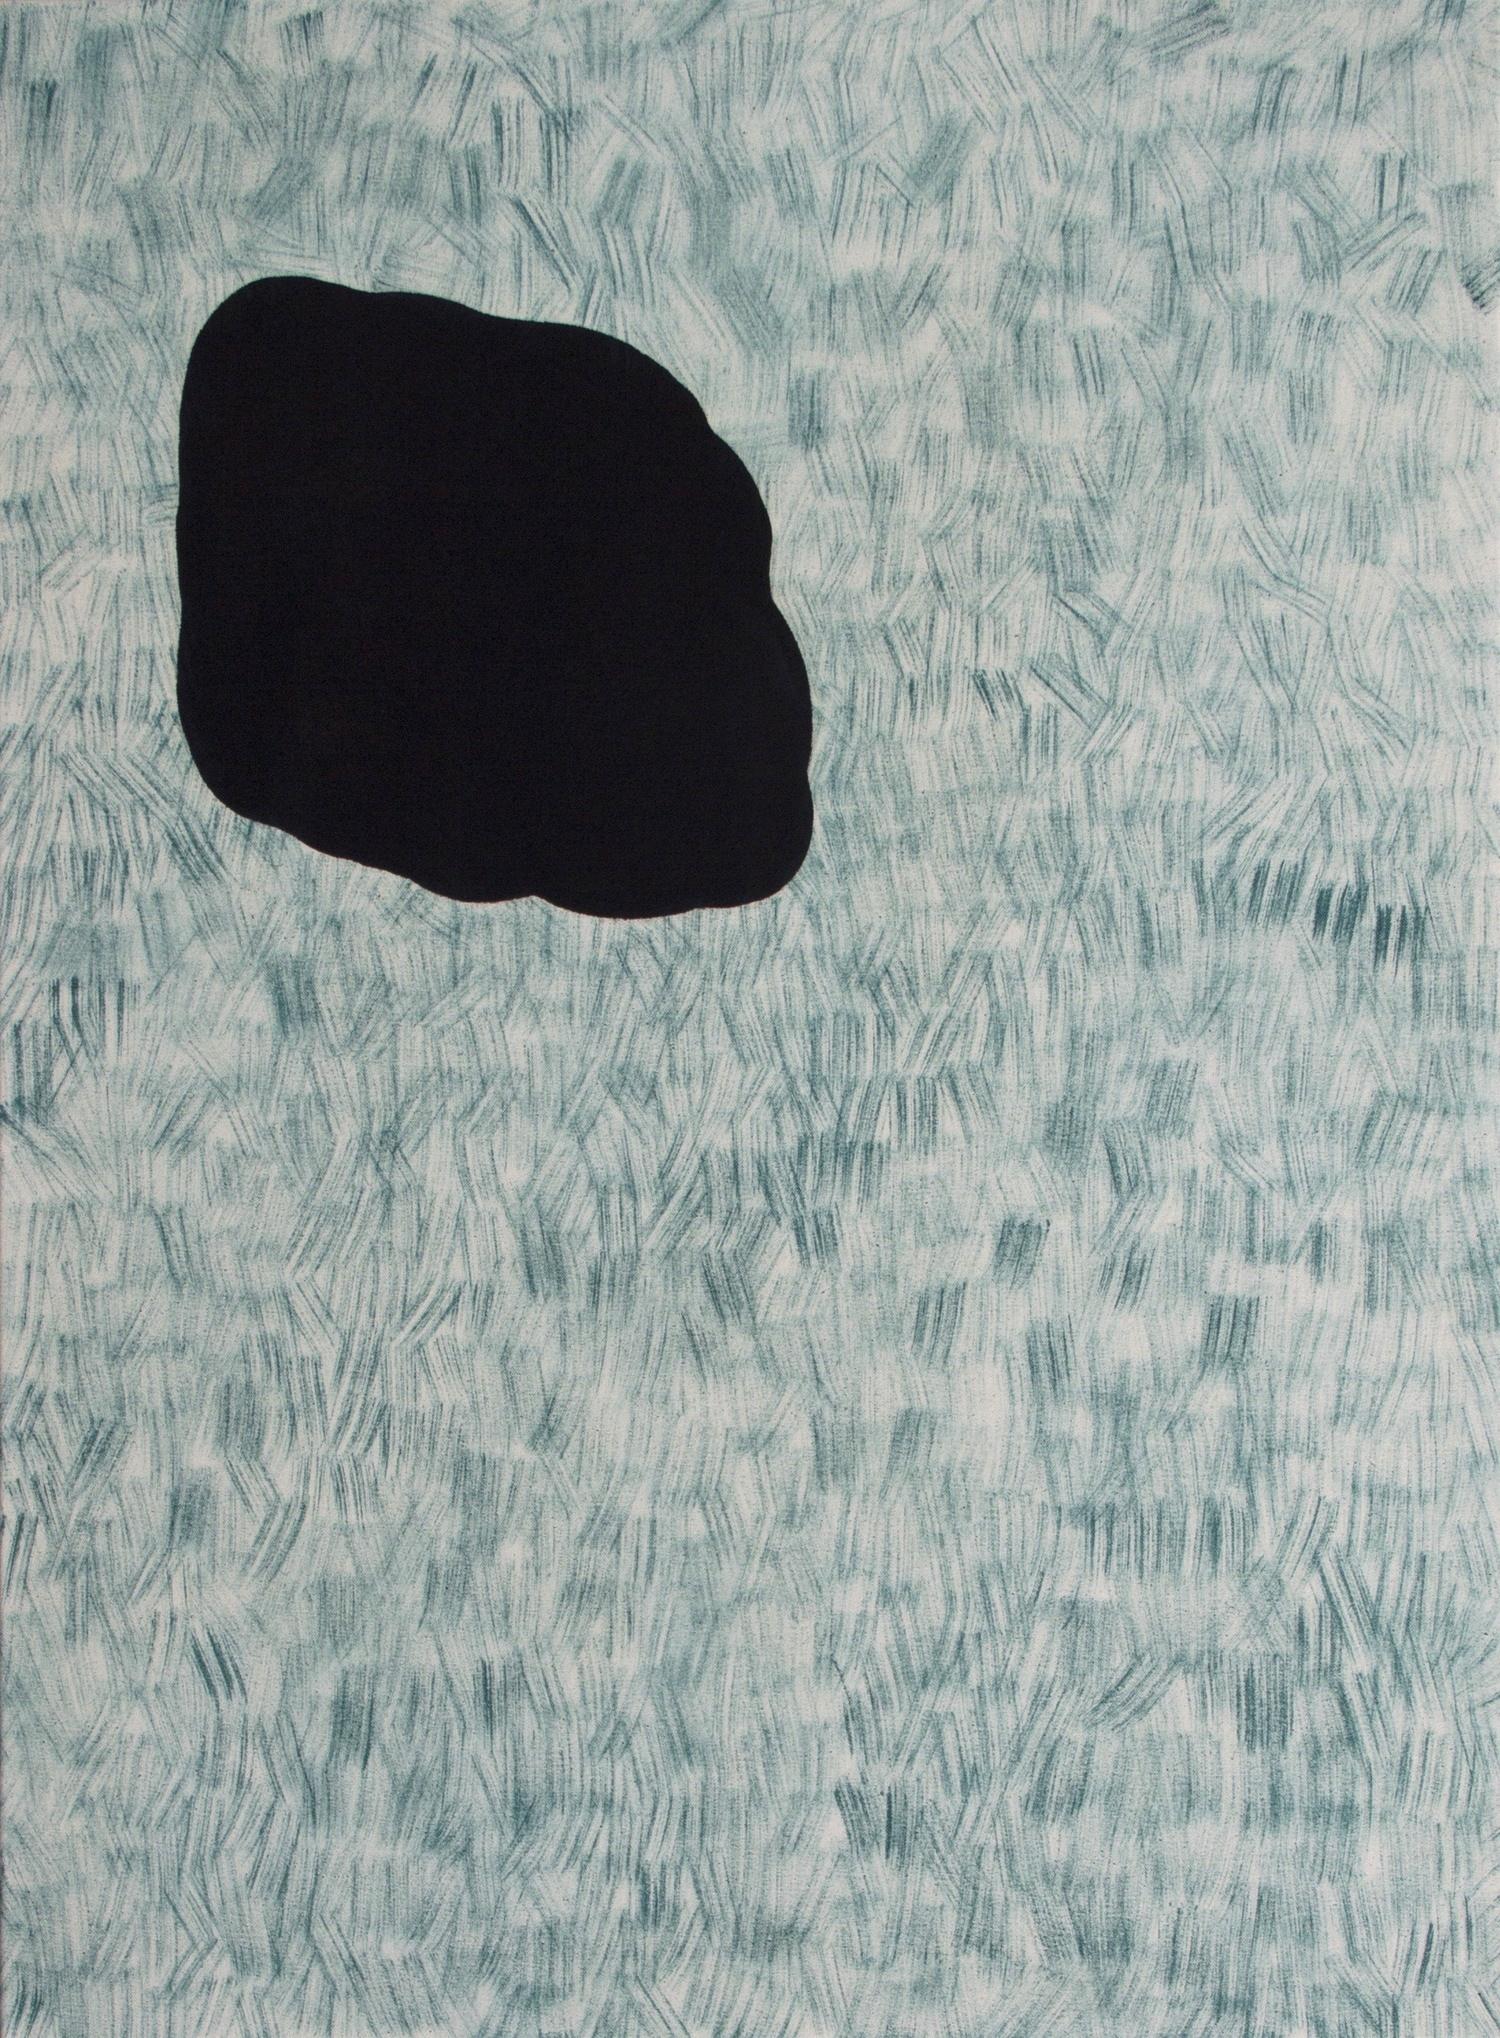 Uncommon Bundles No. 8 , oil on canvas, 56 x 76 cm, 2015.